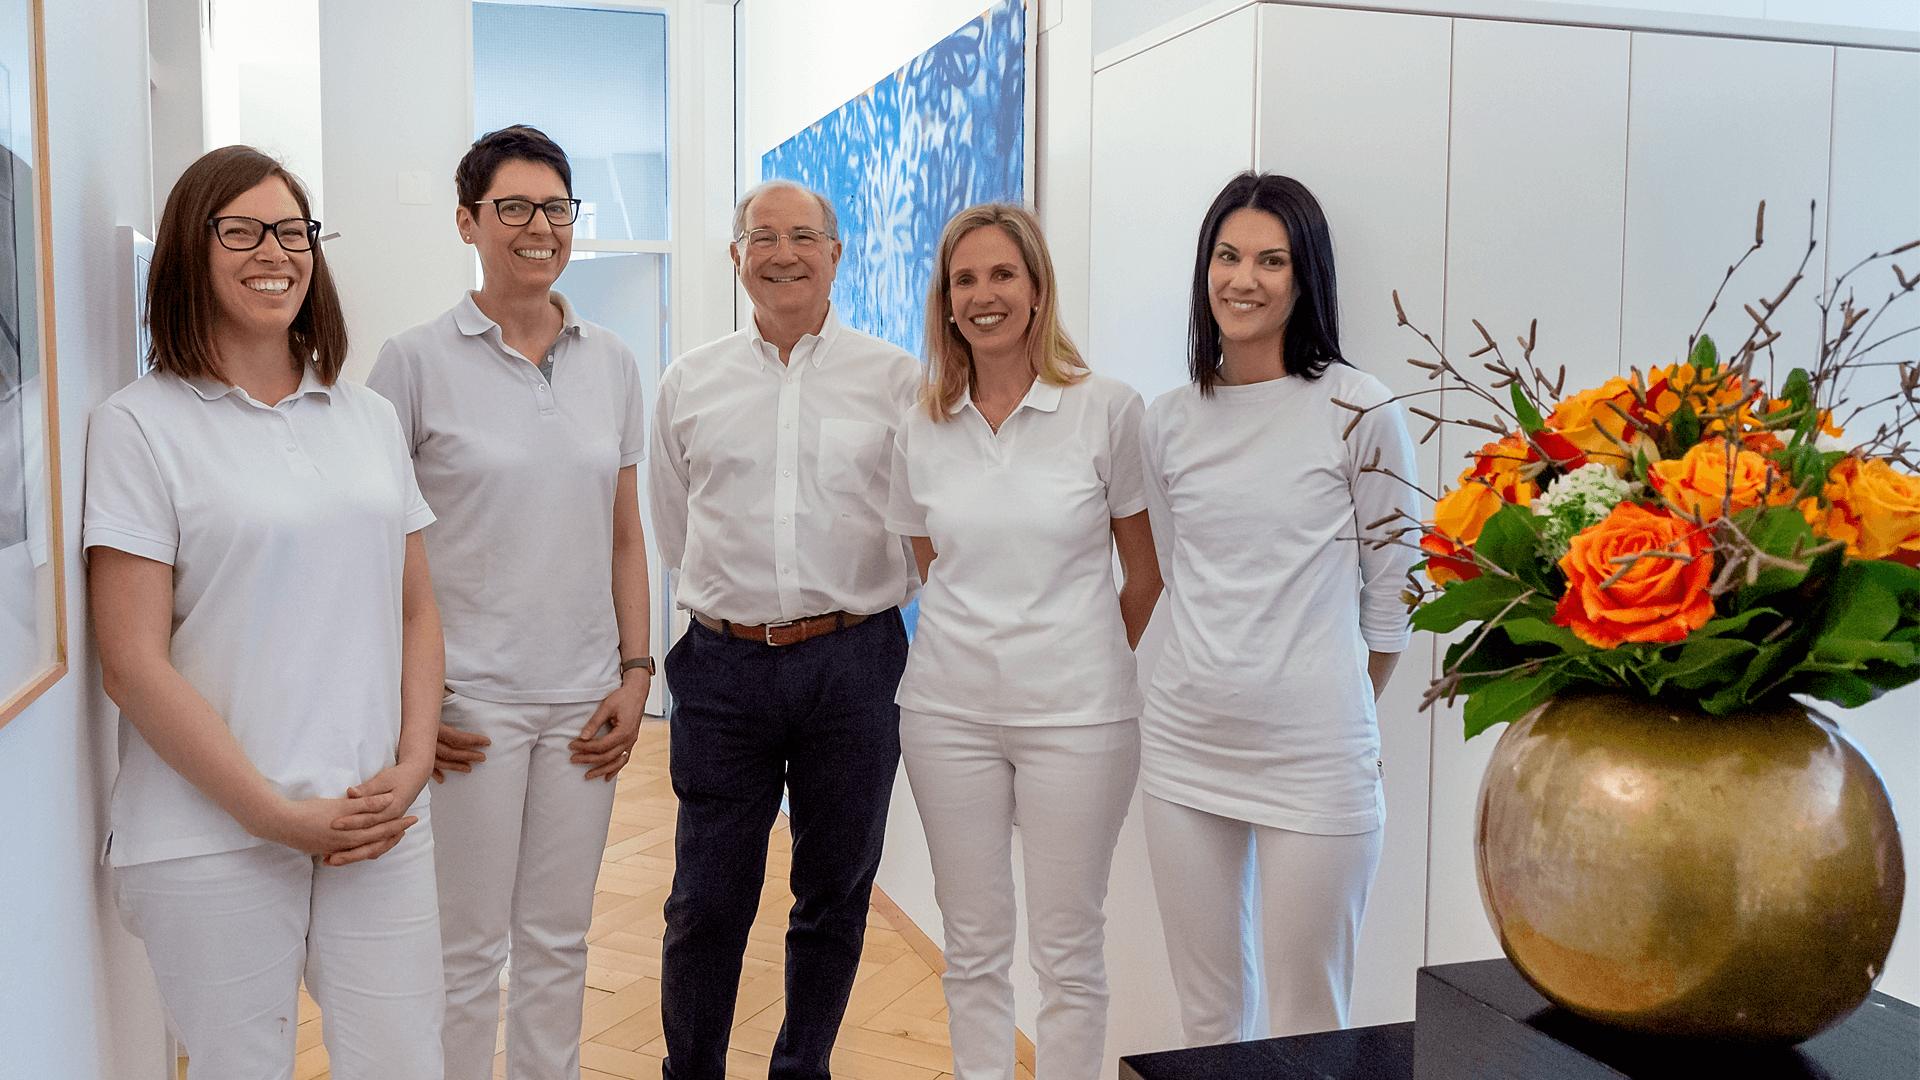 Spazialarzt FMH führt Fraenarzt-Praxis im Zentrum von Zürich